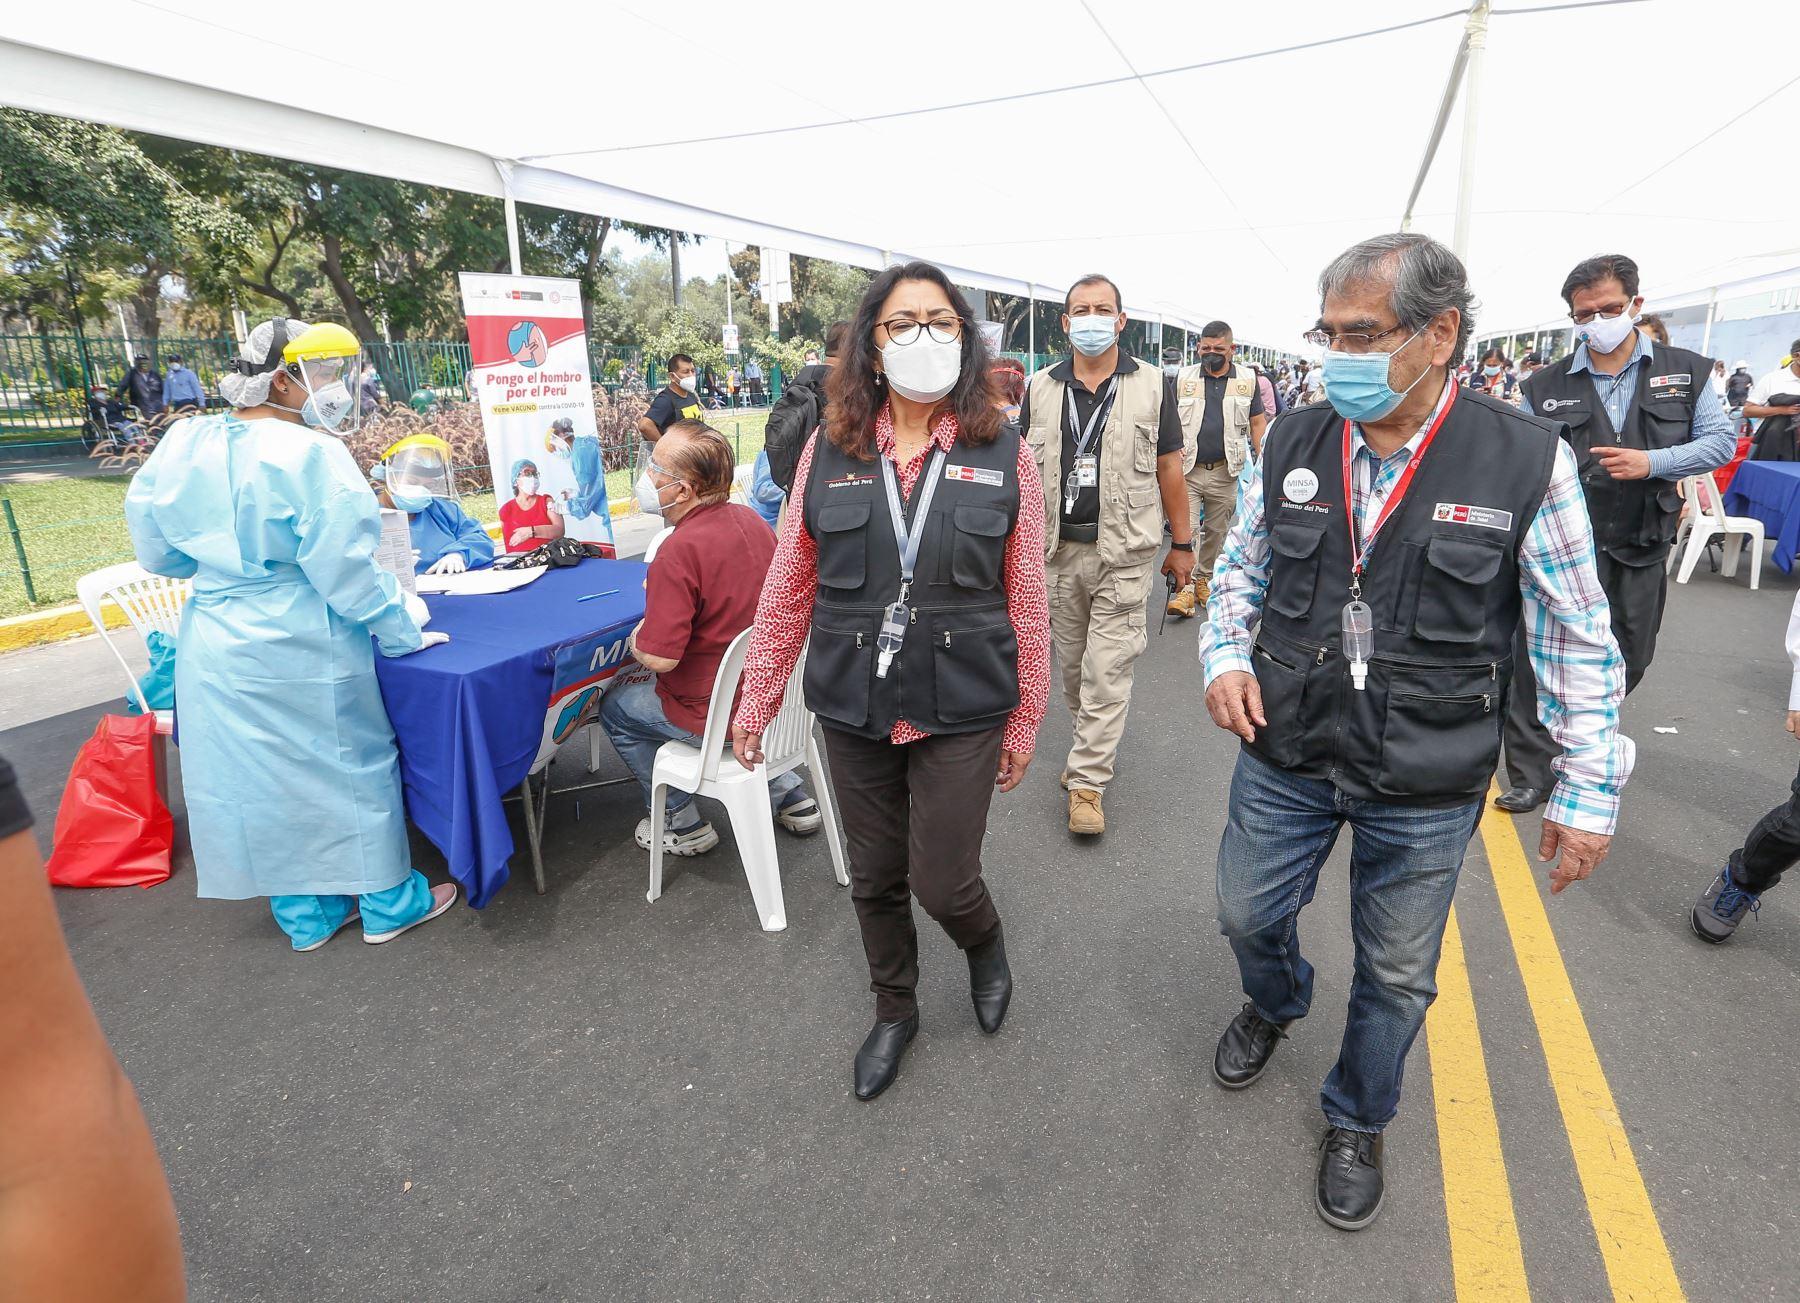 La presidenta del Consejo de Ministros, Violeta Bermúdez  y el ministro  de  Salud supervisan el proceso de inmunización de adultos mayores de 80 años en el Parque de las Leyendas , como parte de la nueva estrategia de vacunación con enfoque territorial.  Foto: PCM